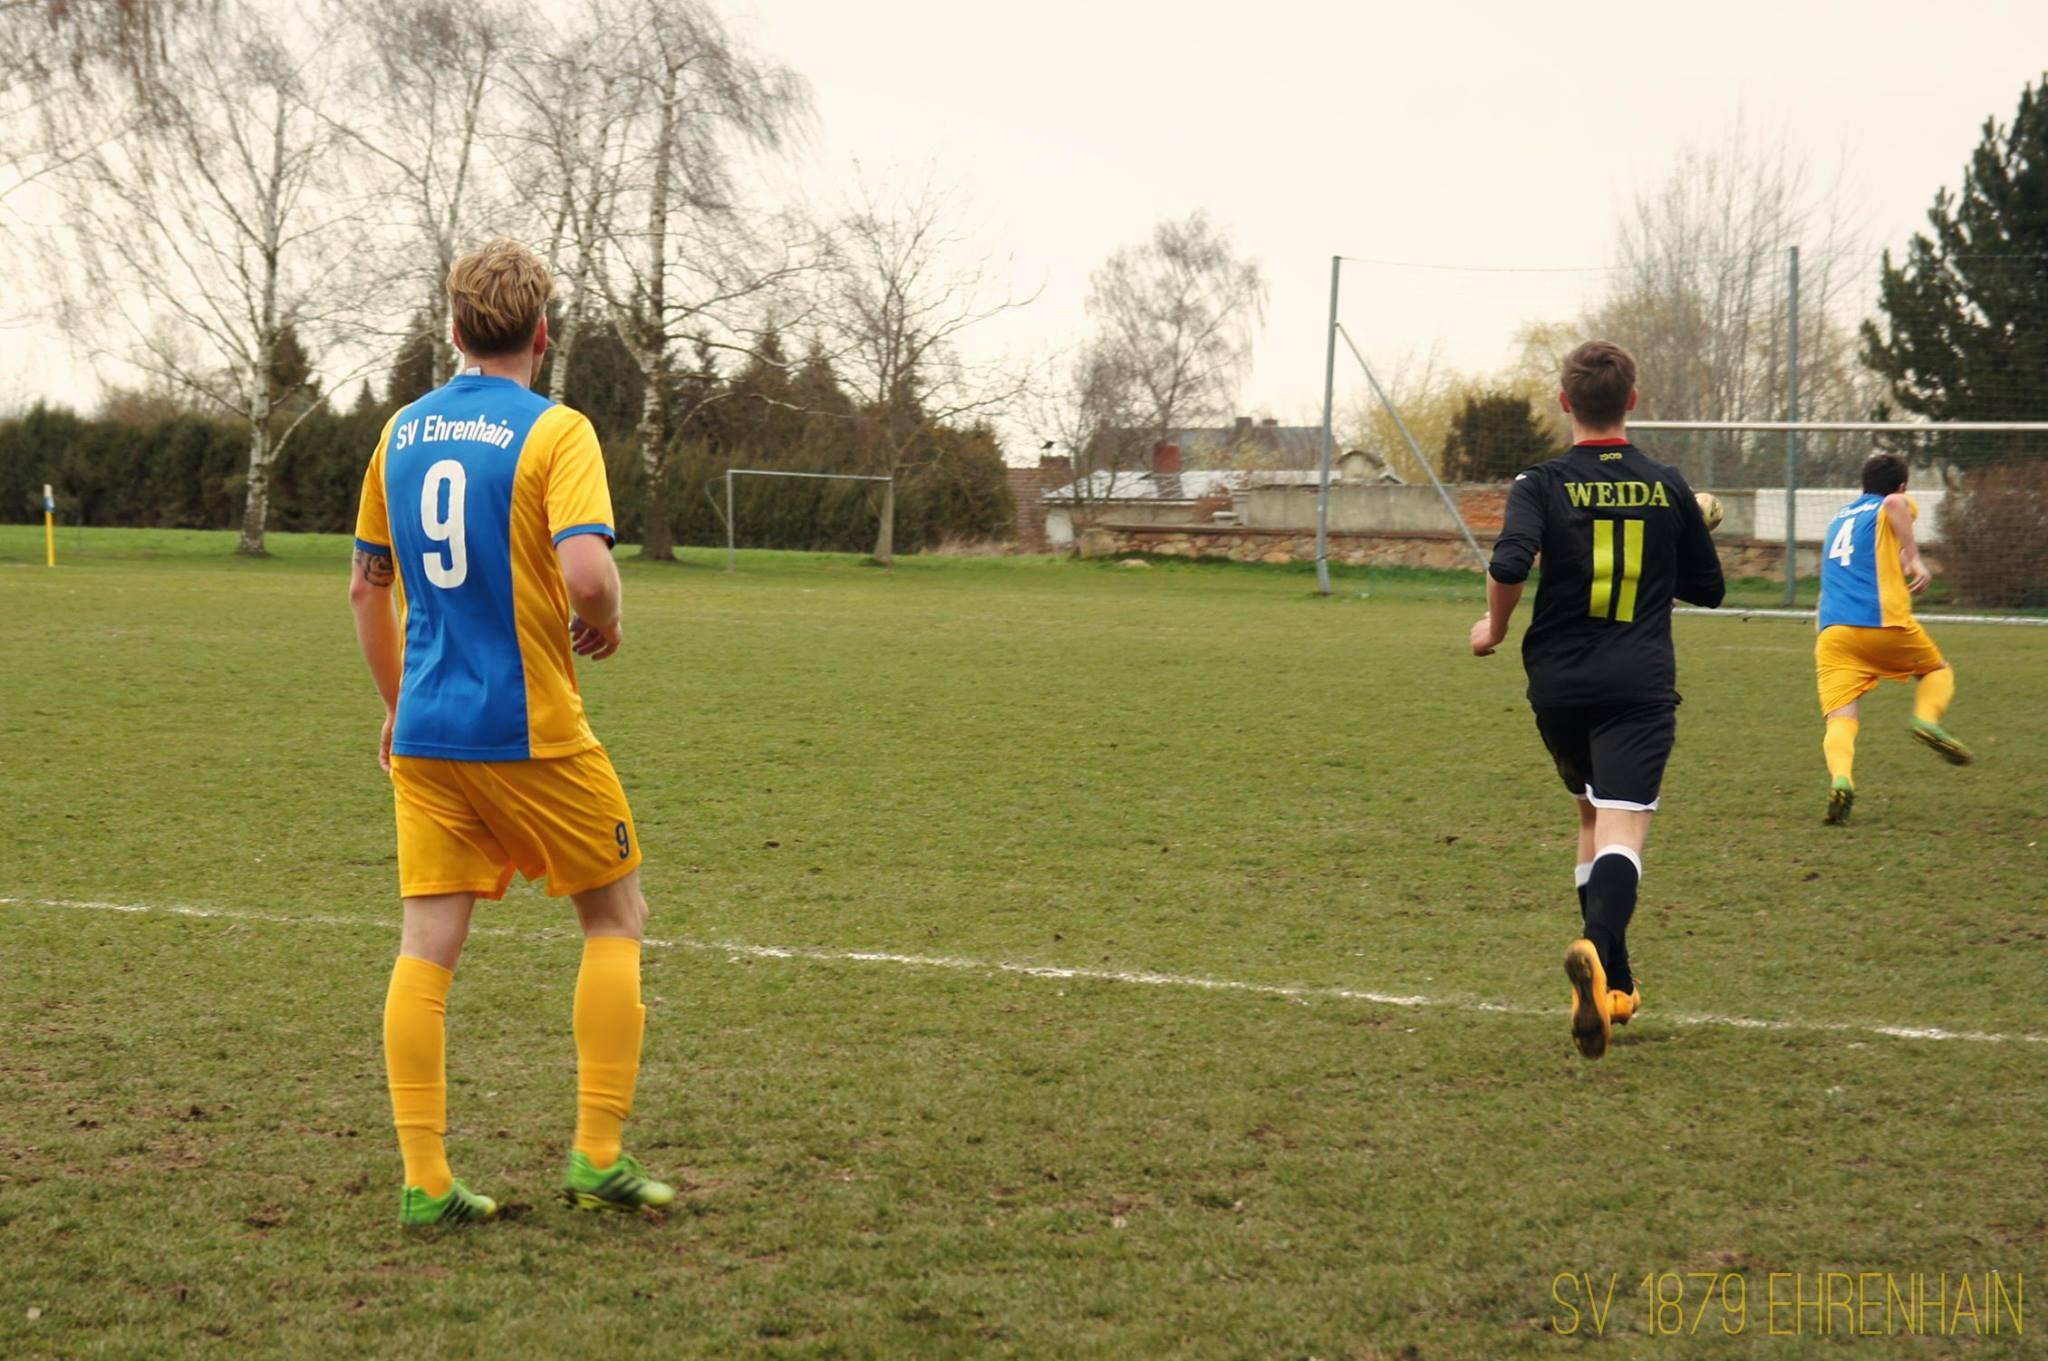 Zweite Mannschaft mit Niederlage gegen Rositz